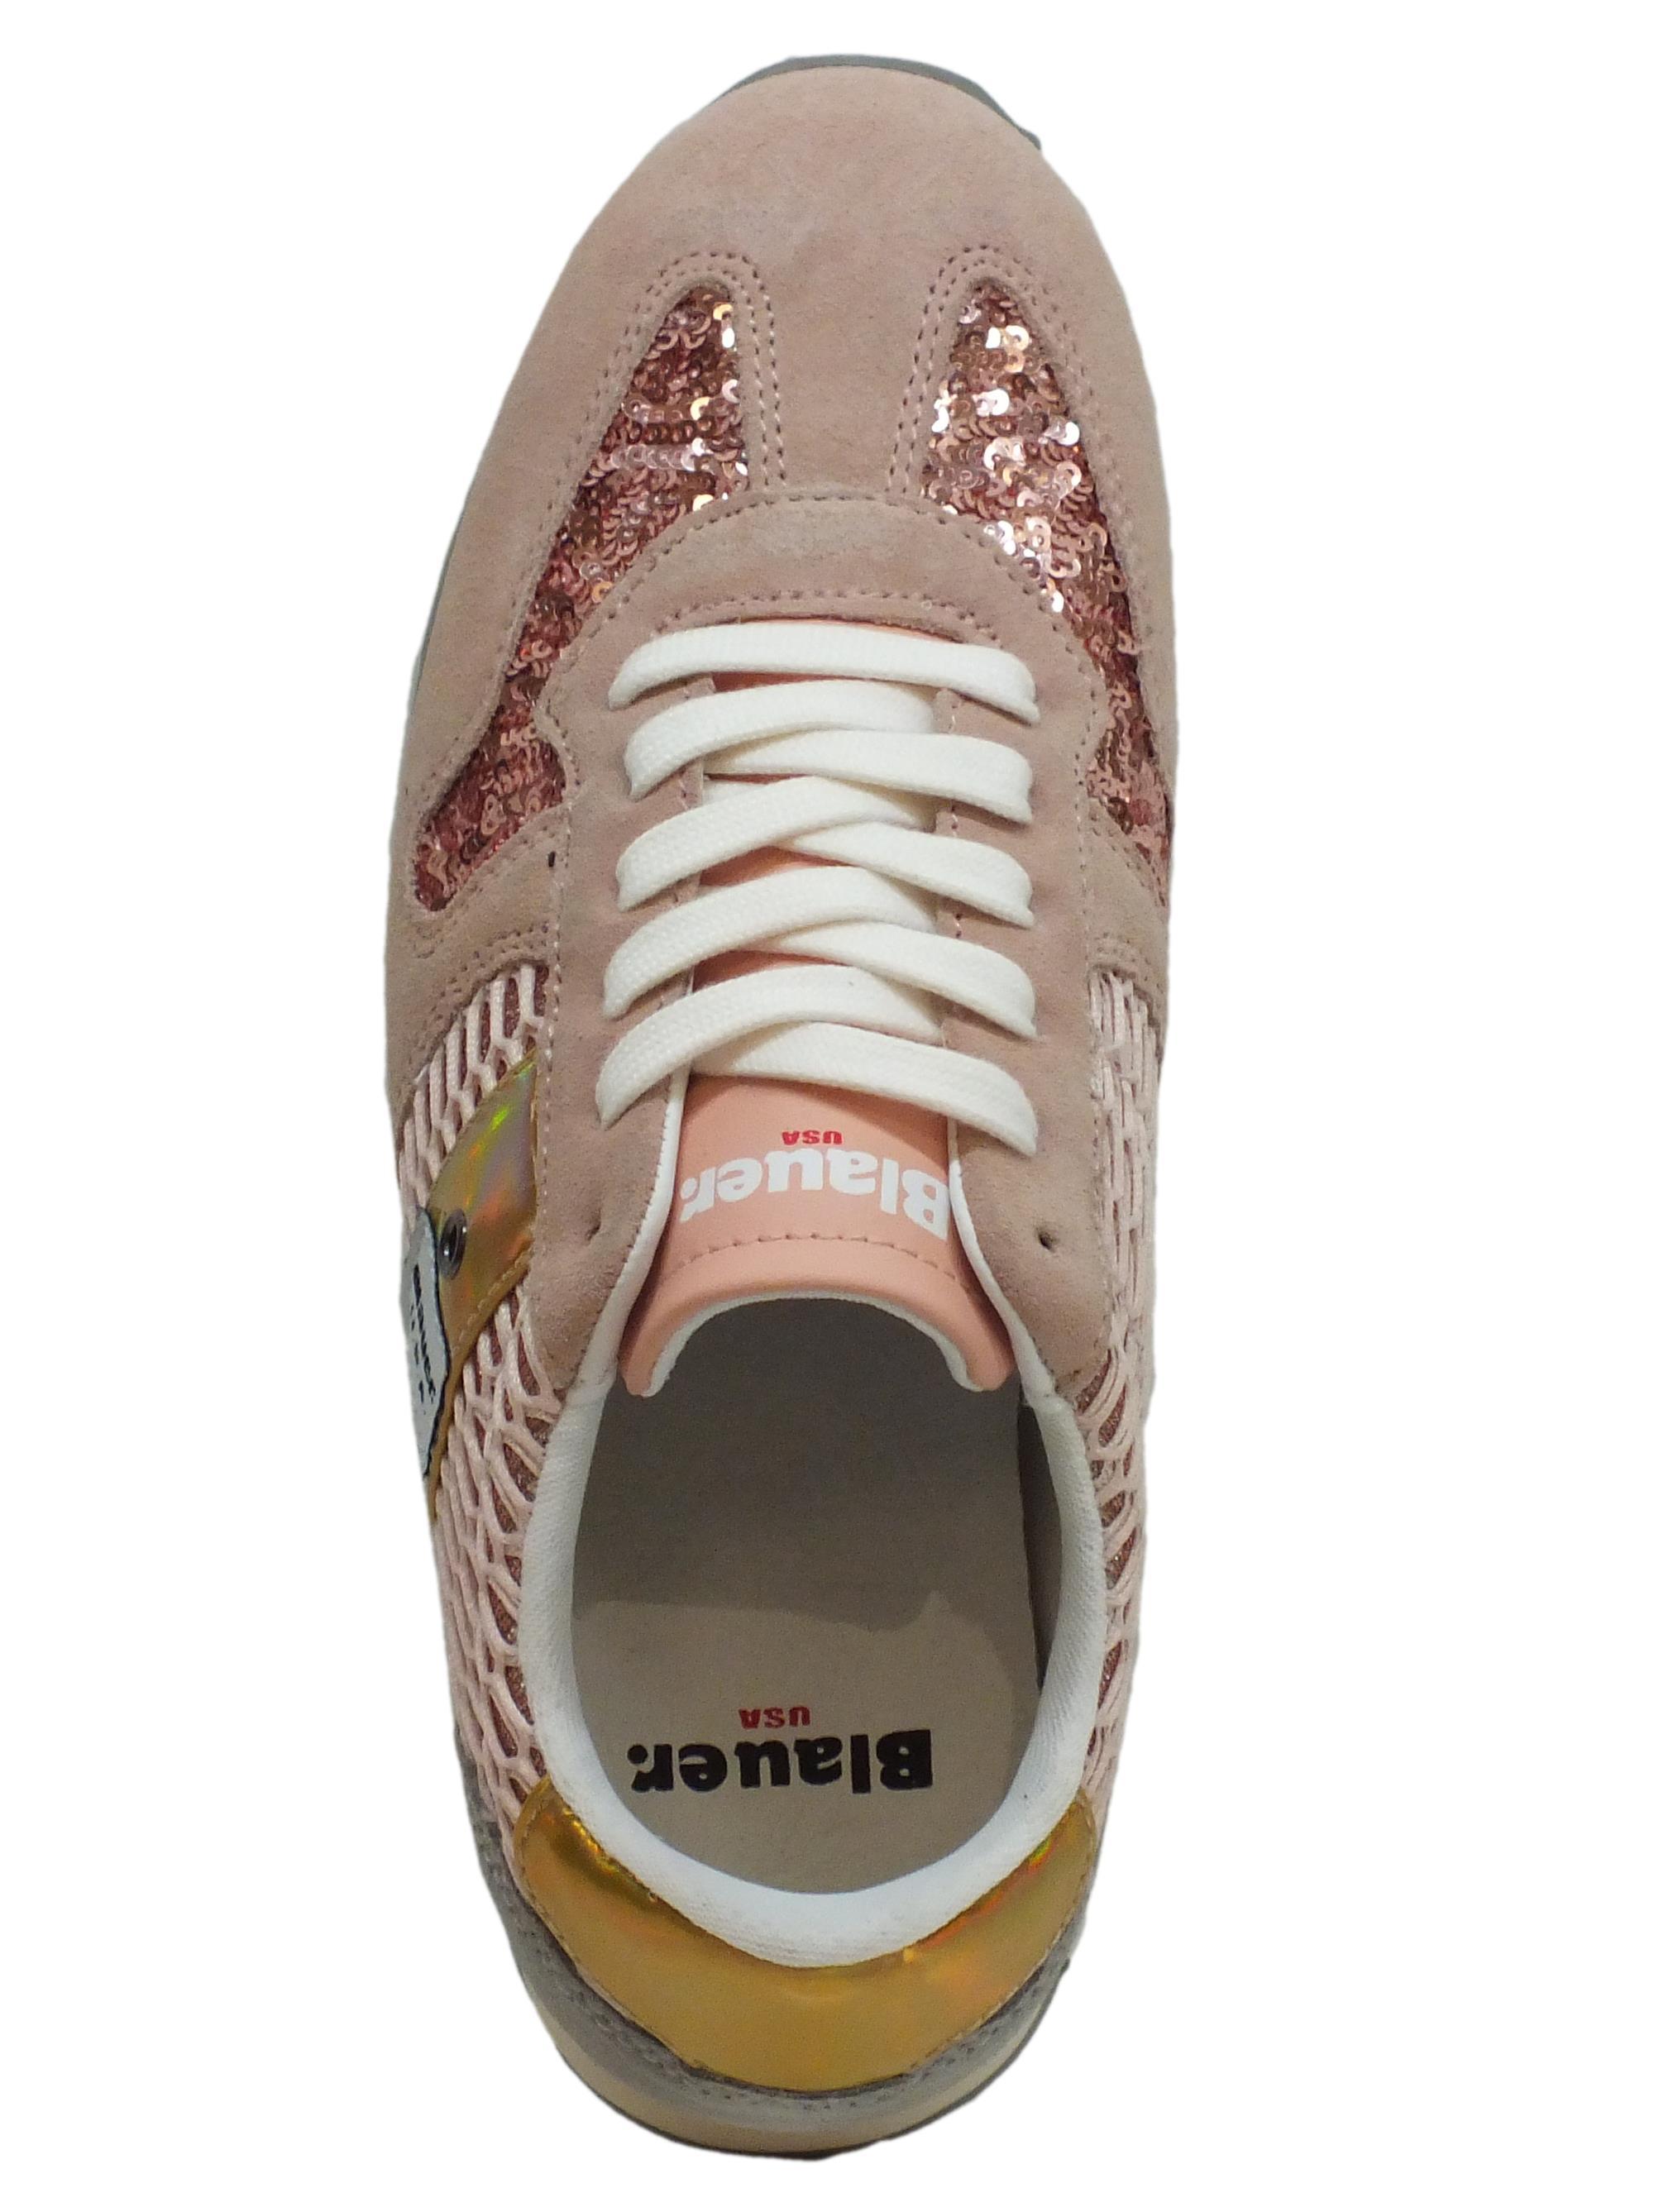 Sneakers Blauer USA donna camoscio paiettes rosa - Vitiello Calzature 21022c93ea3